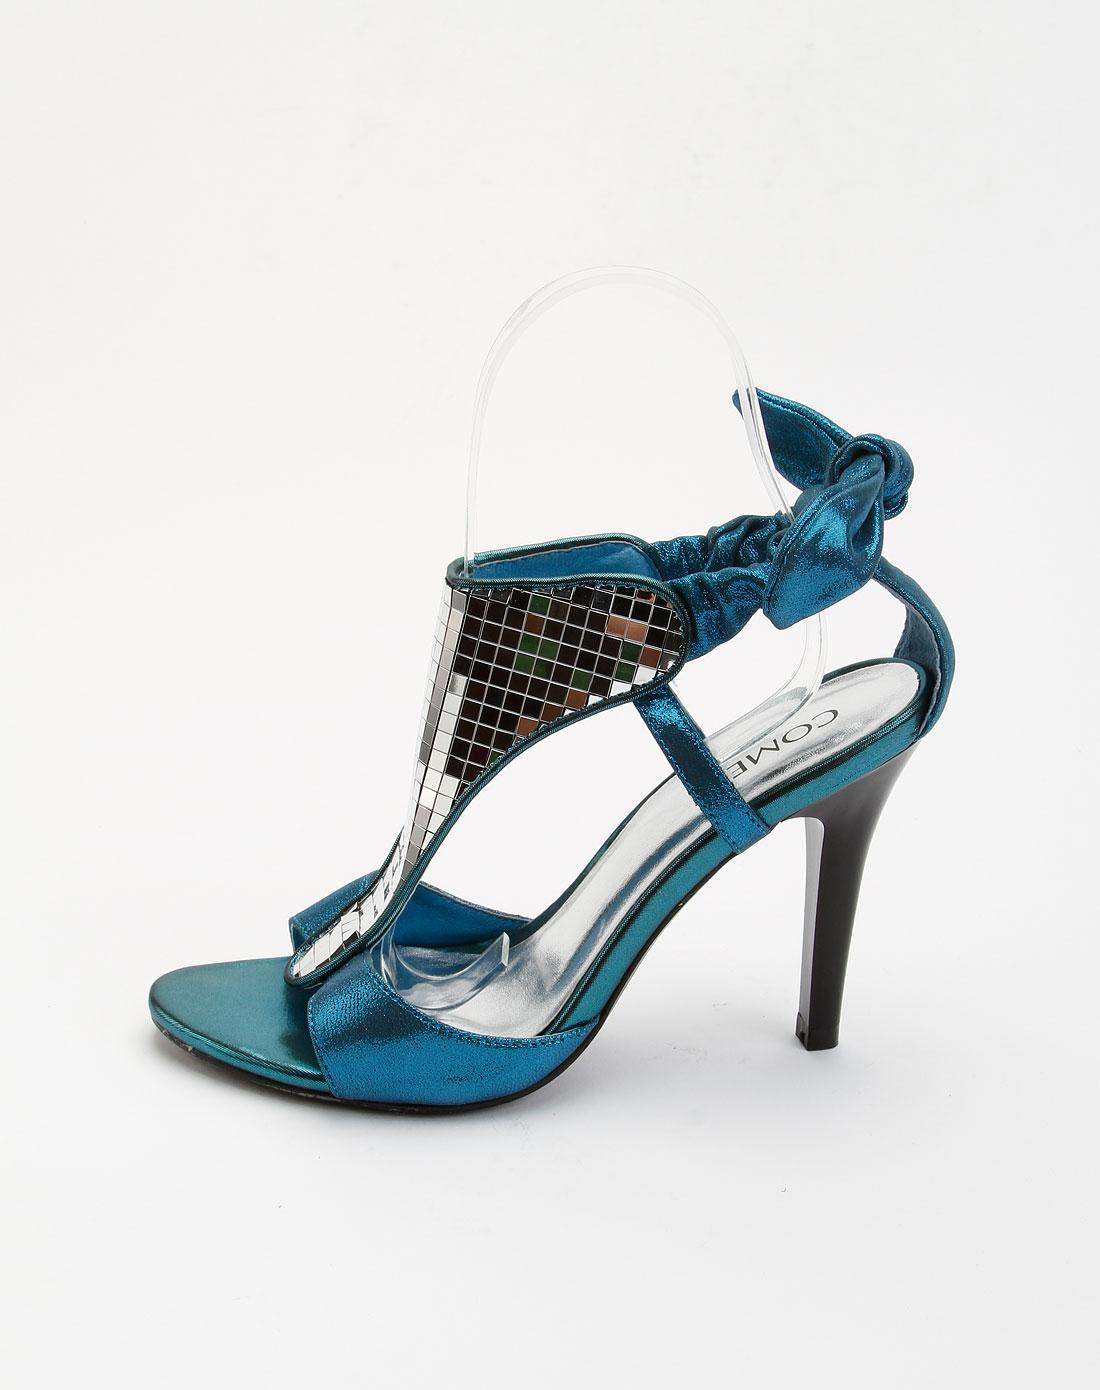 康莉旗下品牌女鞋康莉comrade 女款头层蓝色布纹羊皮